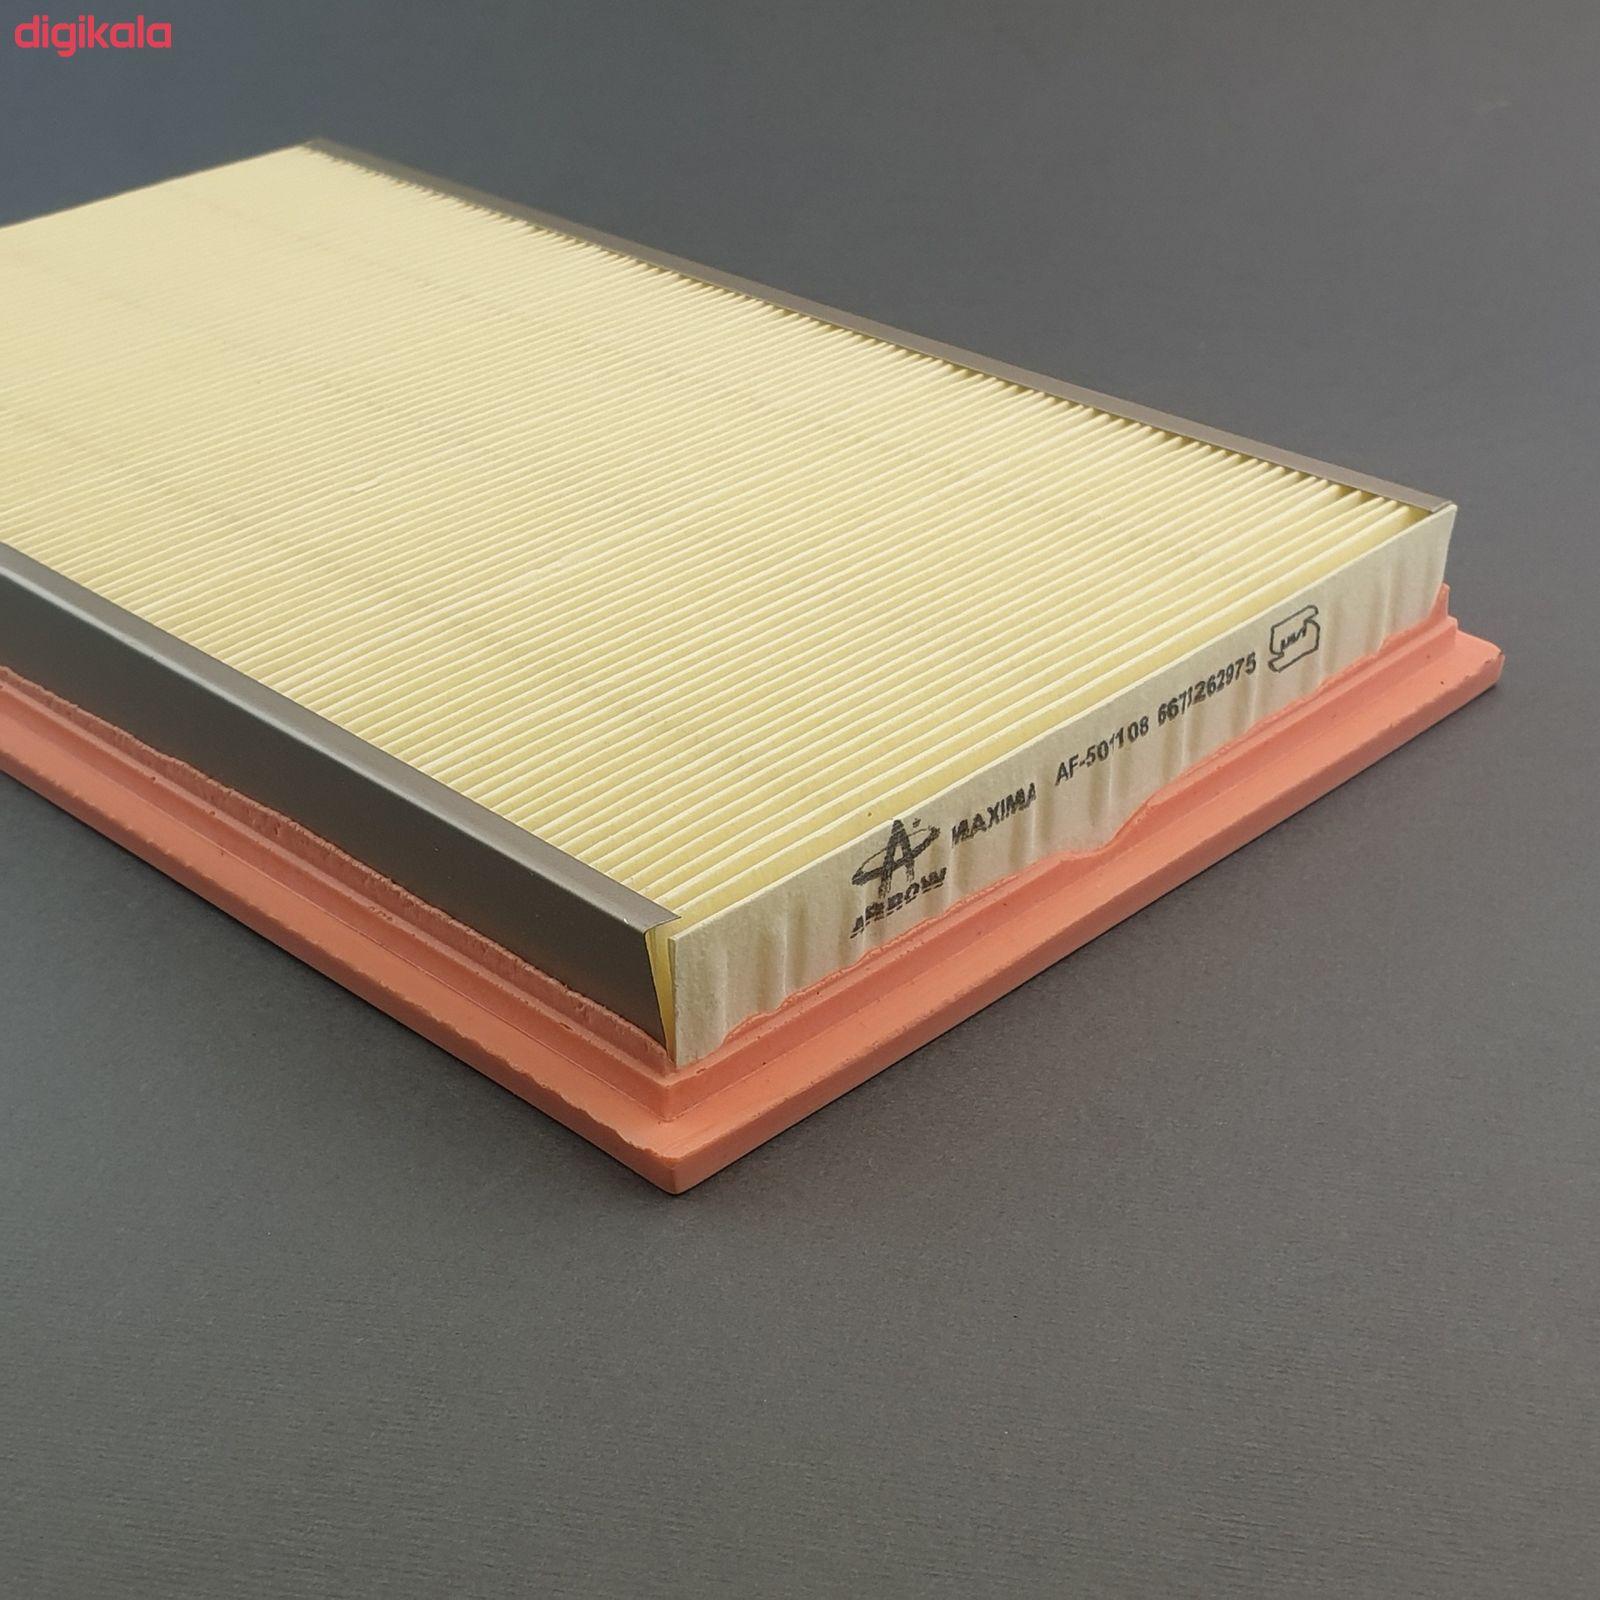 فیلنر روغن خودرو آرو مدل AF50755 مناسب برای نیسان ماکسیما به همراه فیلتر کابین و فیلتر هوا main 1 5